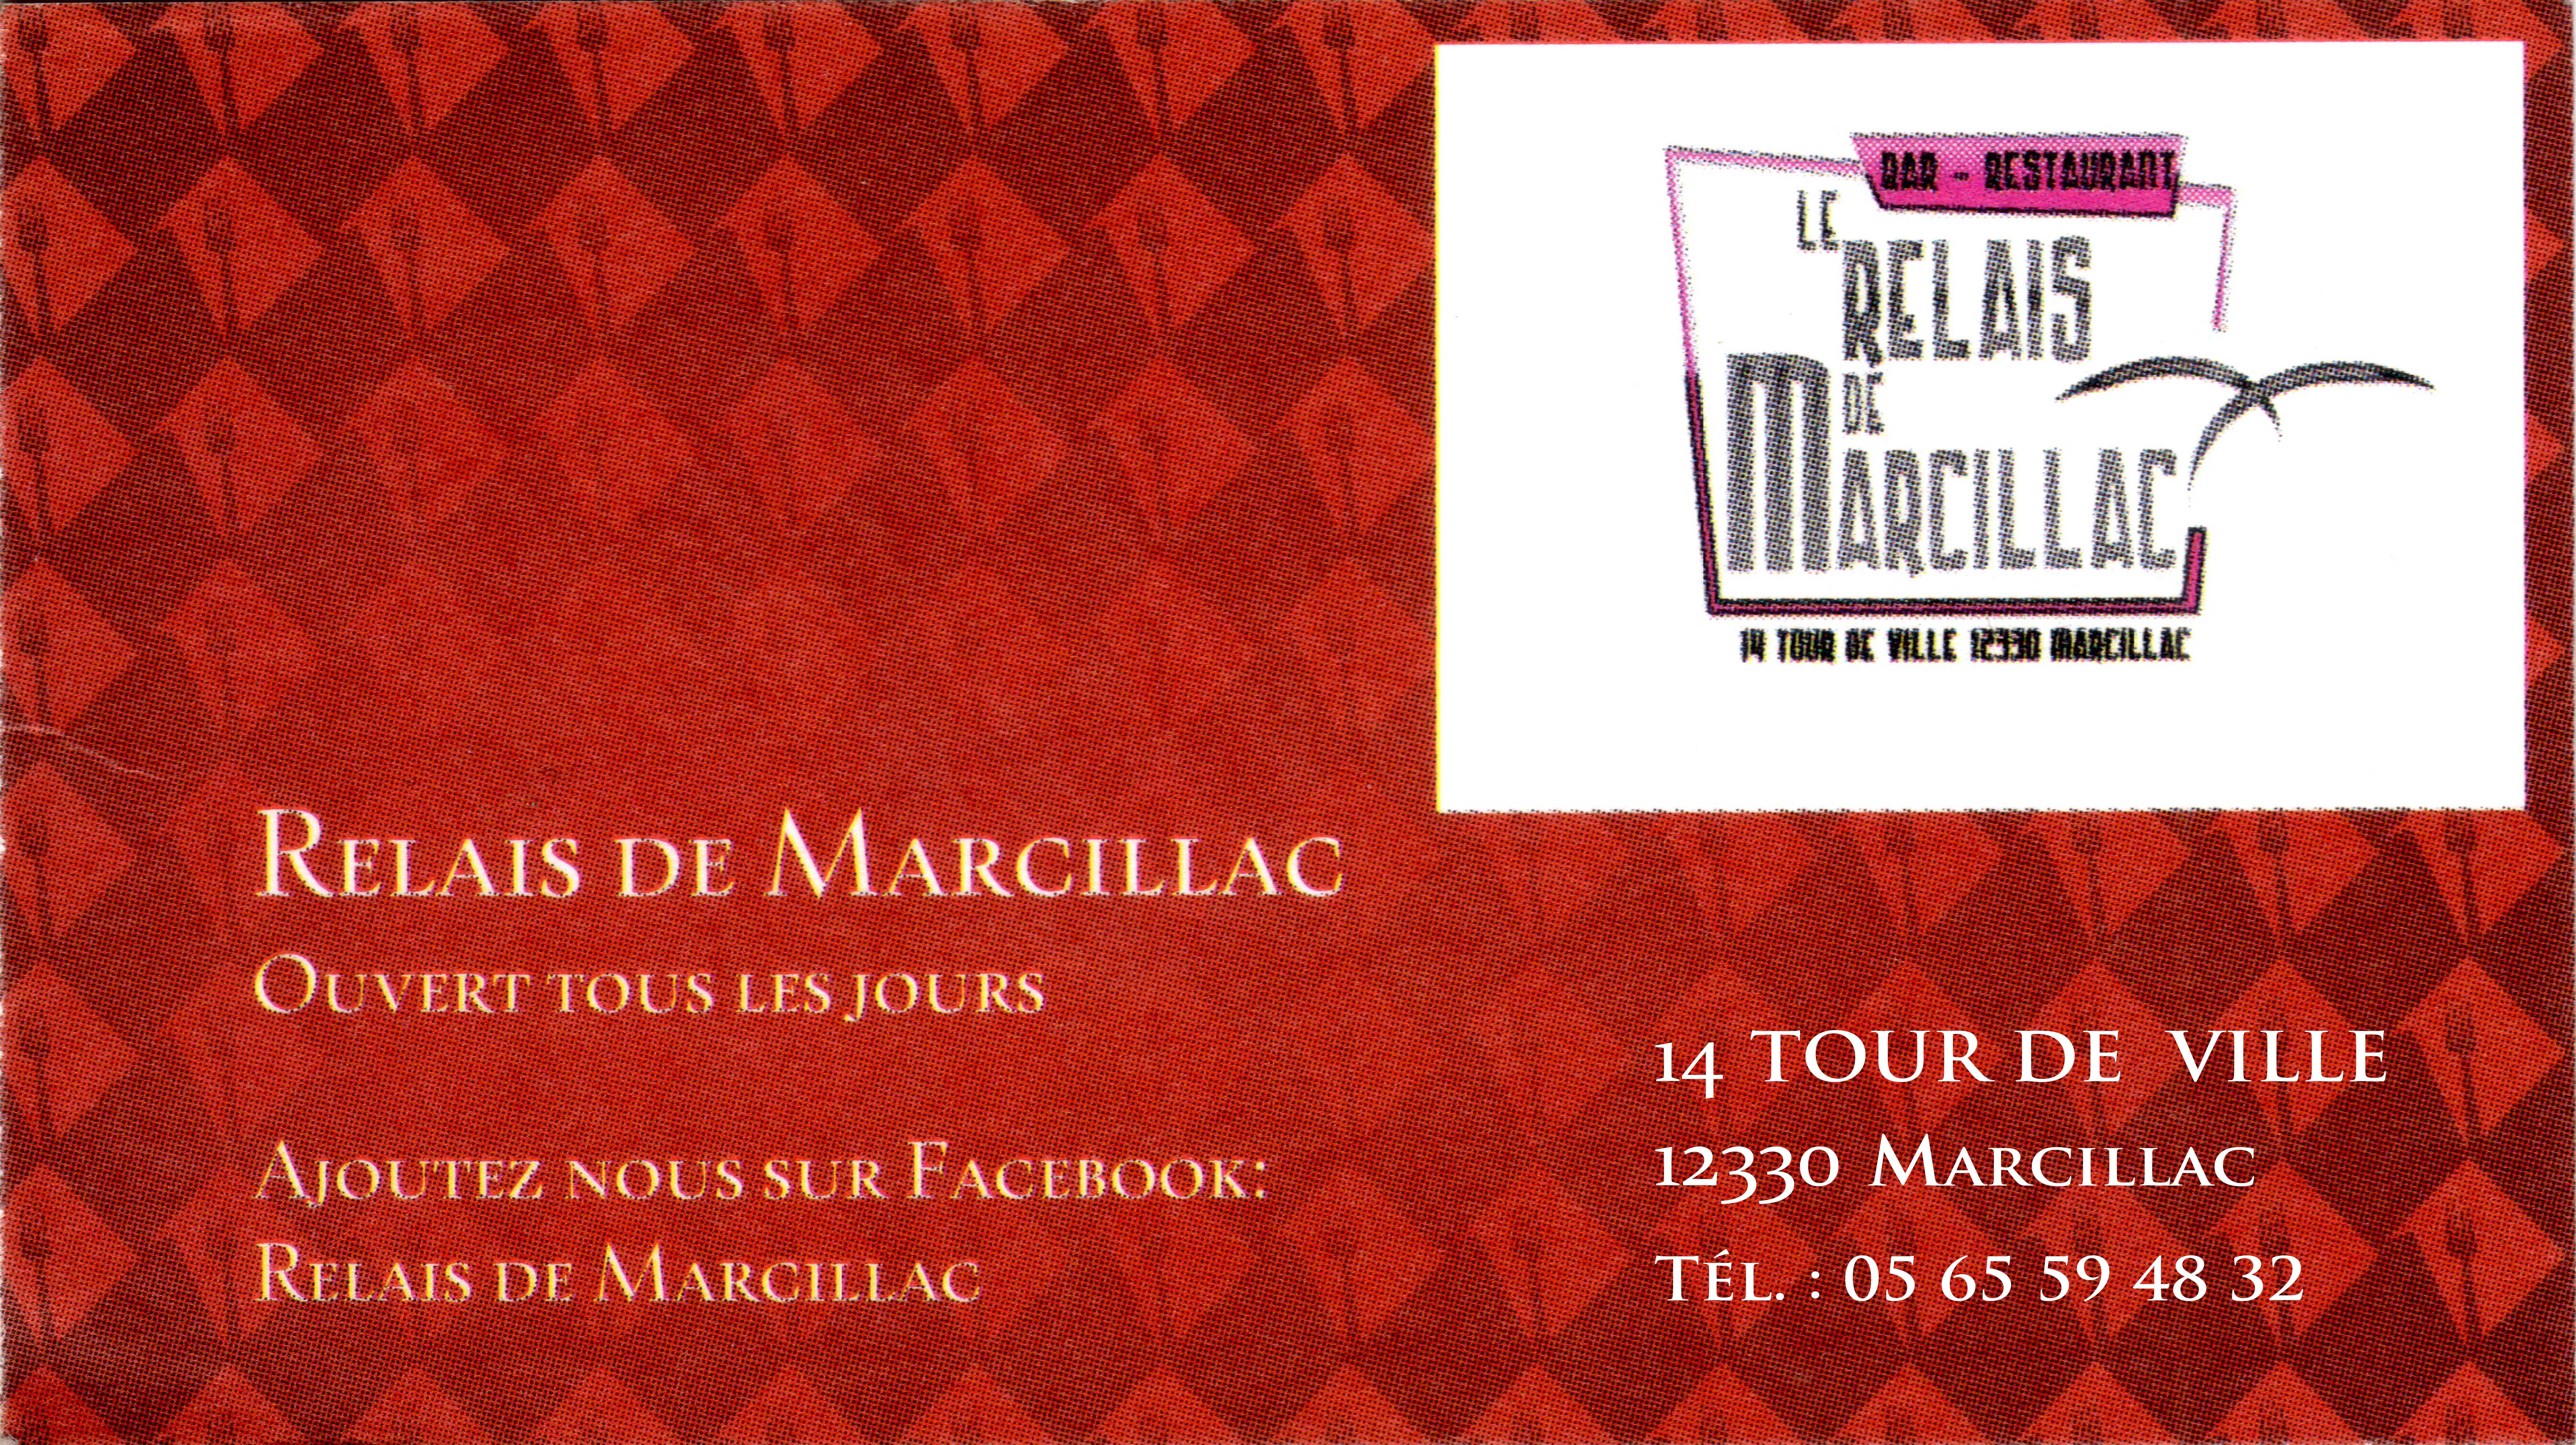 6 LOGO RELAIS DE MARCILLAC